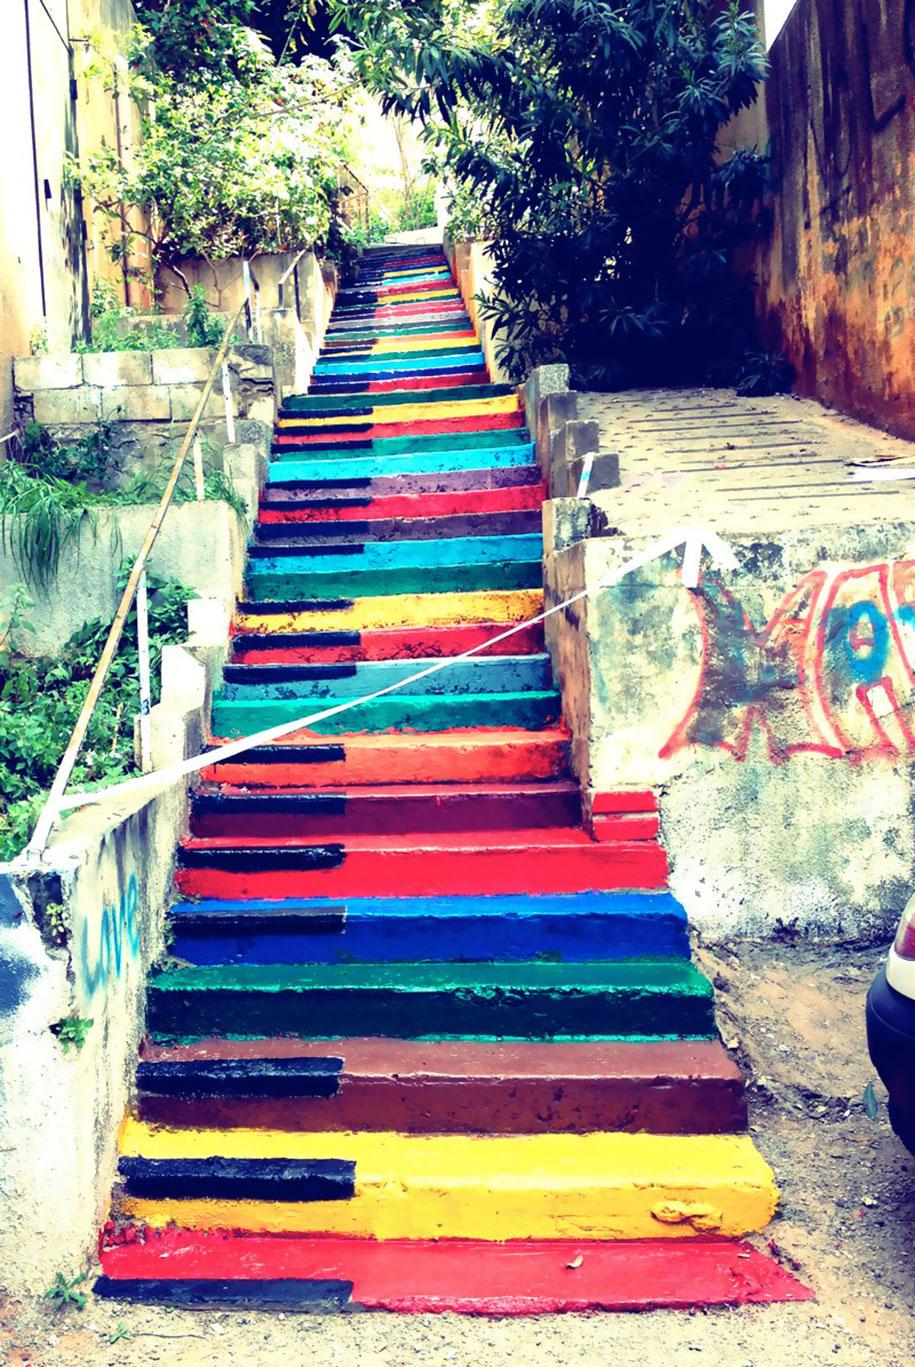 Картины и картинки - Страница 7 Creative-beautiful-steps-stairs-street-art-15